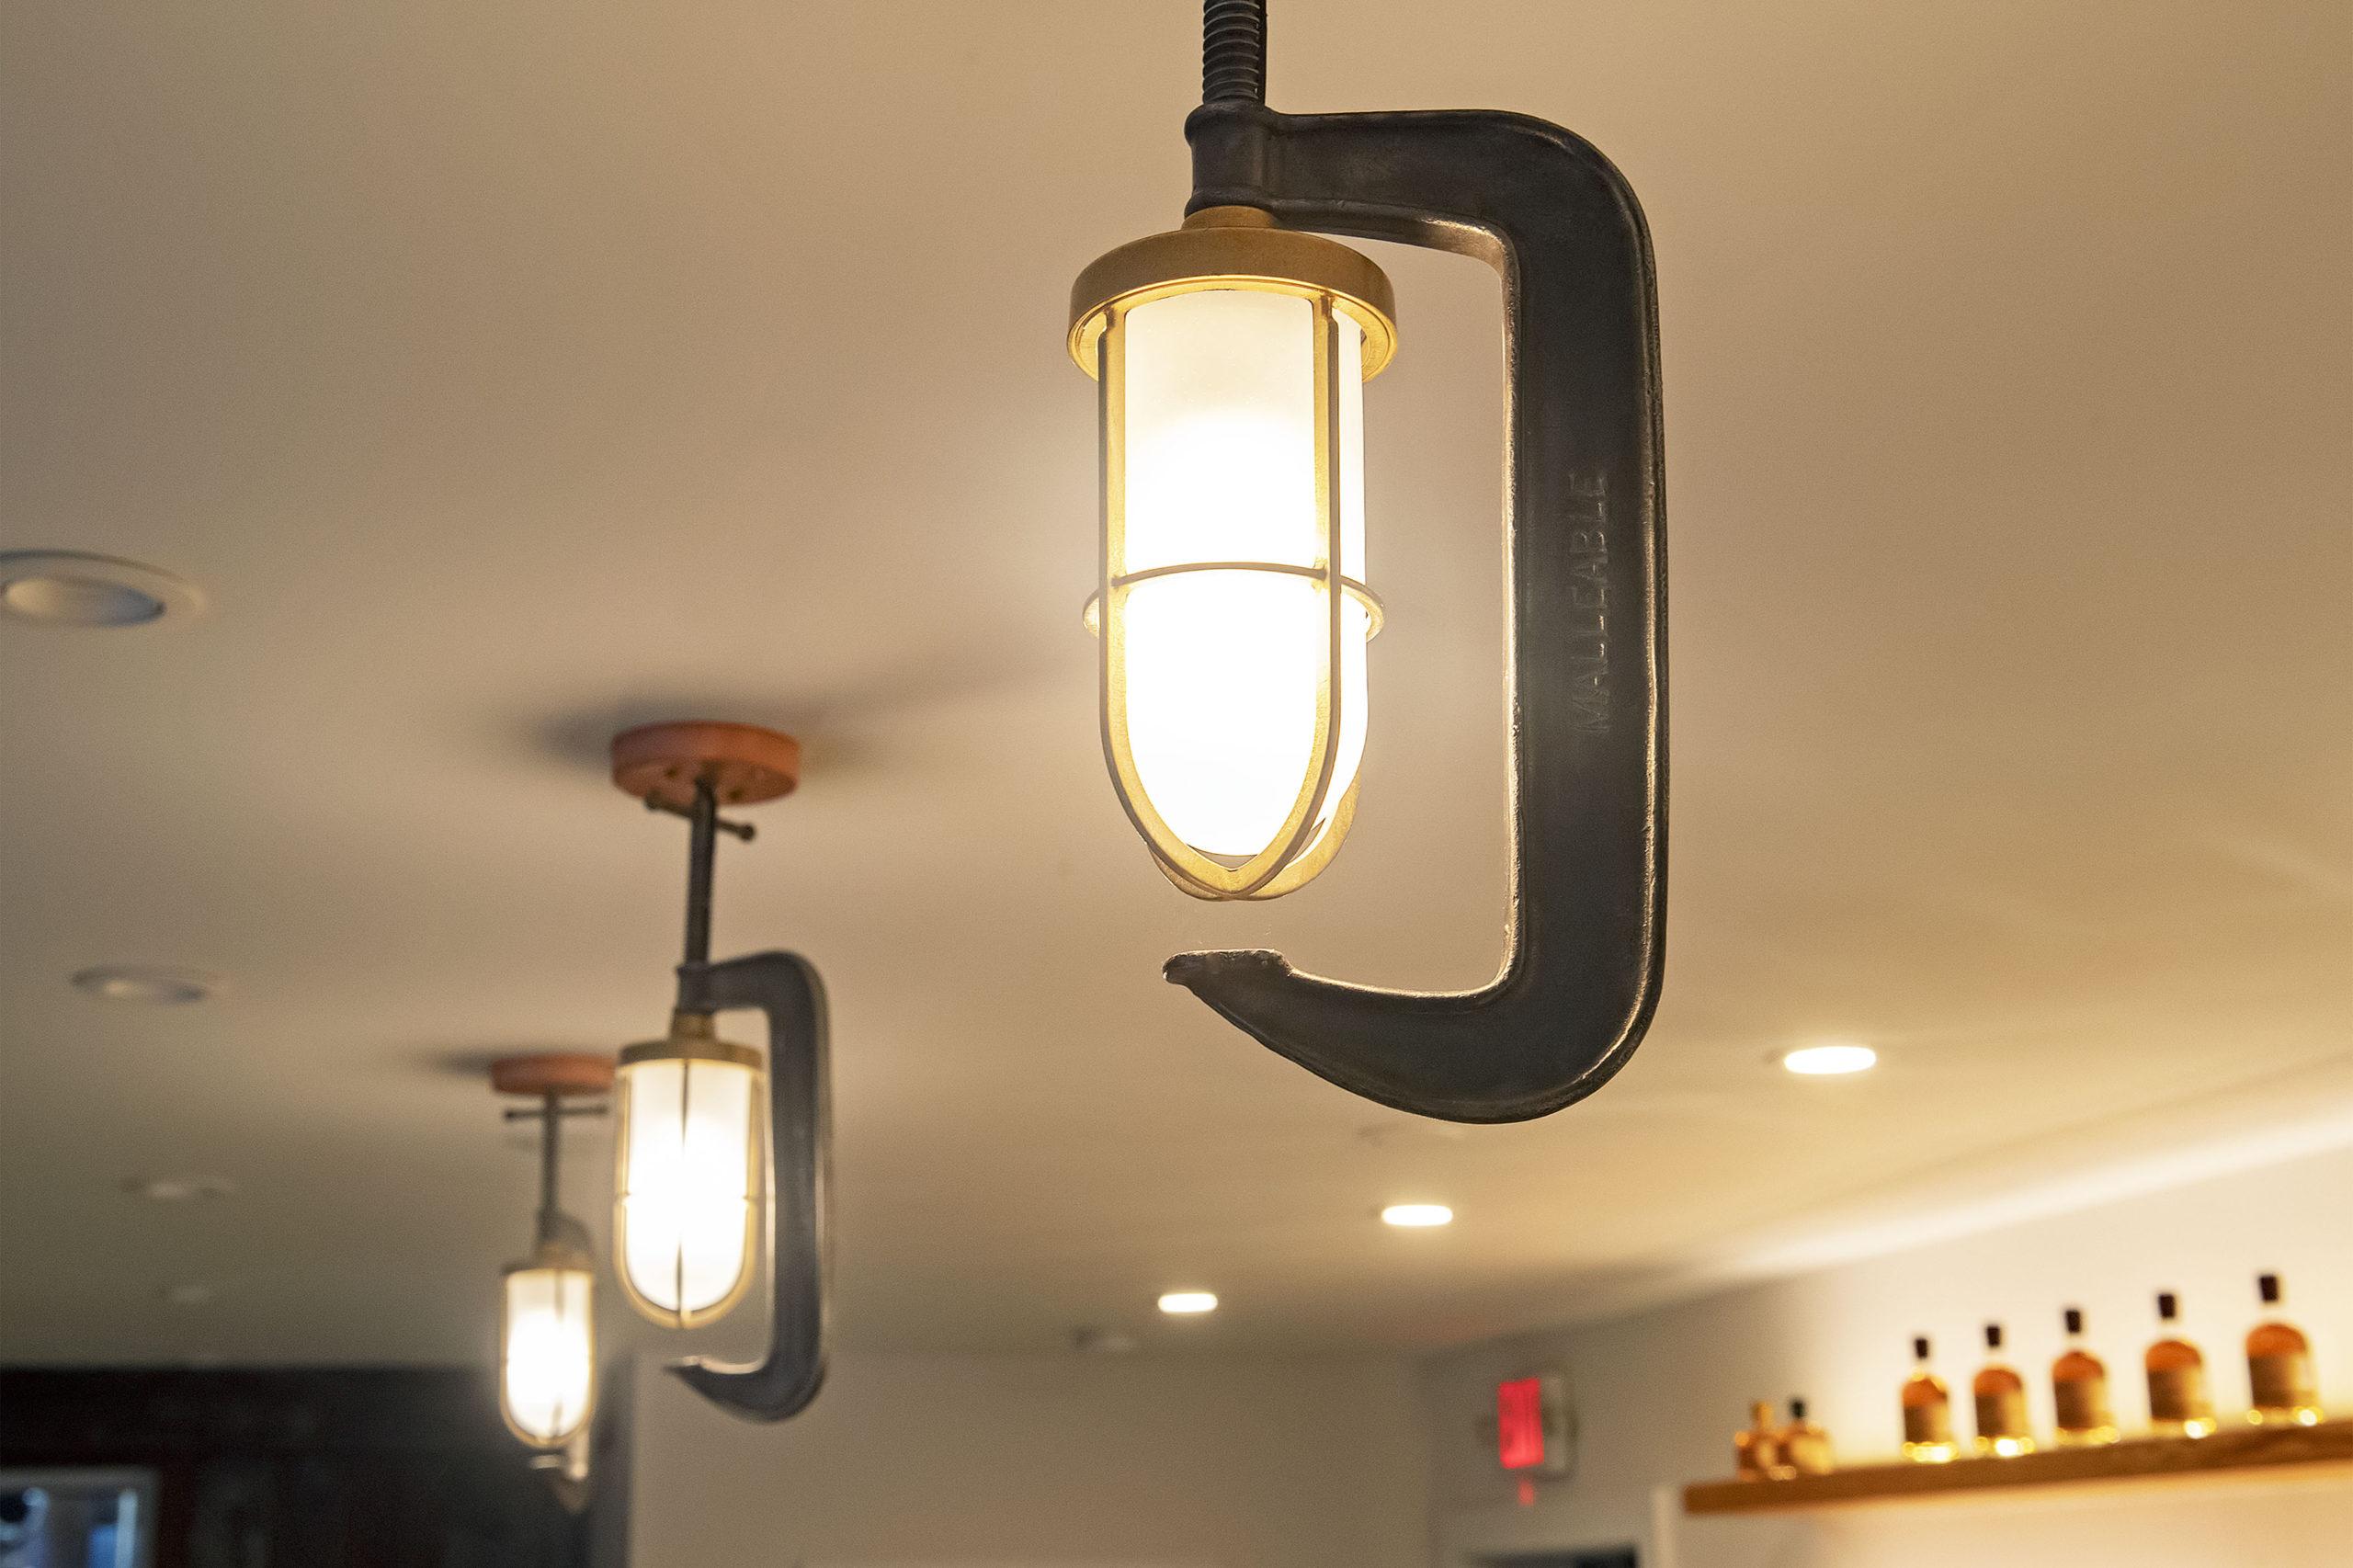 Repurposed clamps create lighting in the tasting room. MICHAEL HELLER